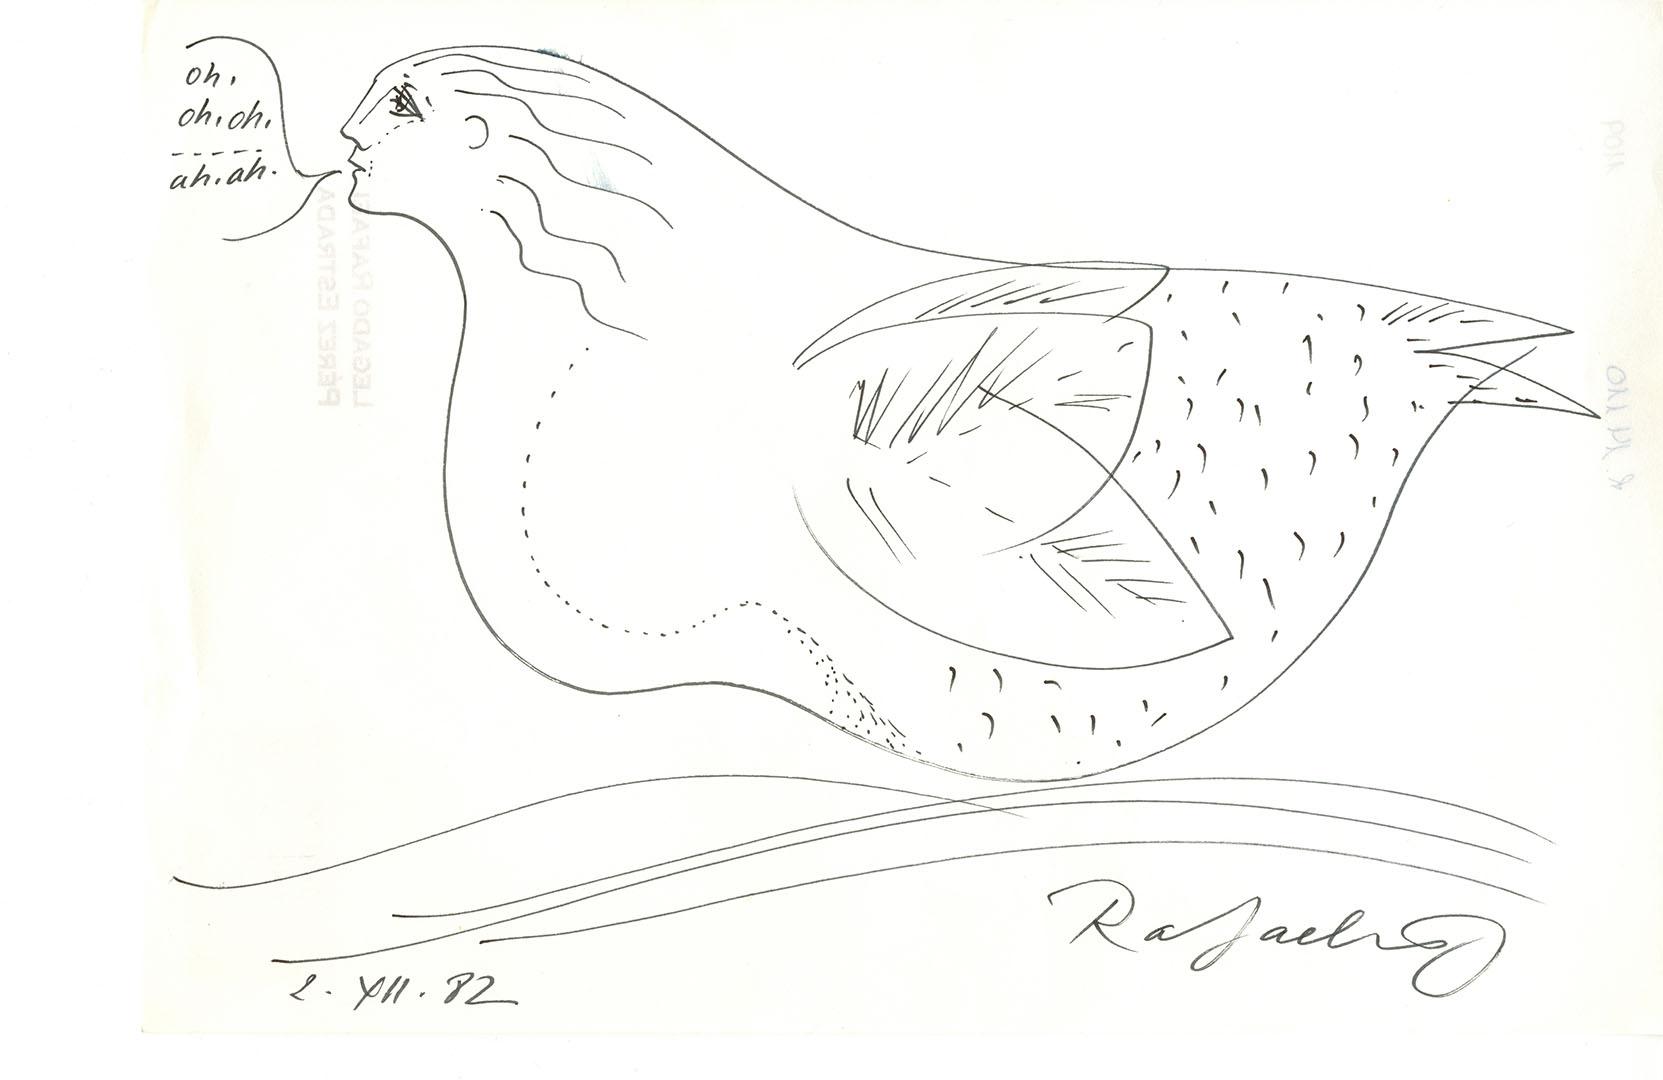 1982 - Dibujo de una mujer con el cuerpo de una gallina<div style='clear:both;width:100%;height:0px;'></div><span class='cat'>Dibujos, Drawings</span>